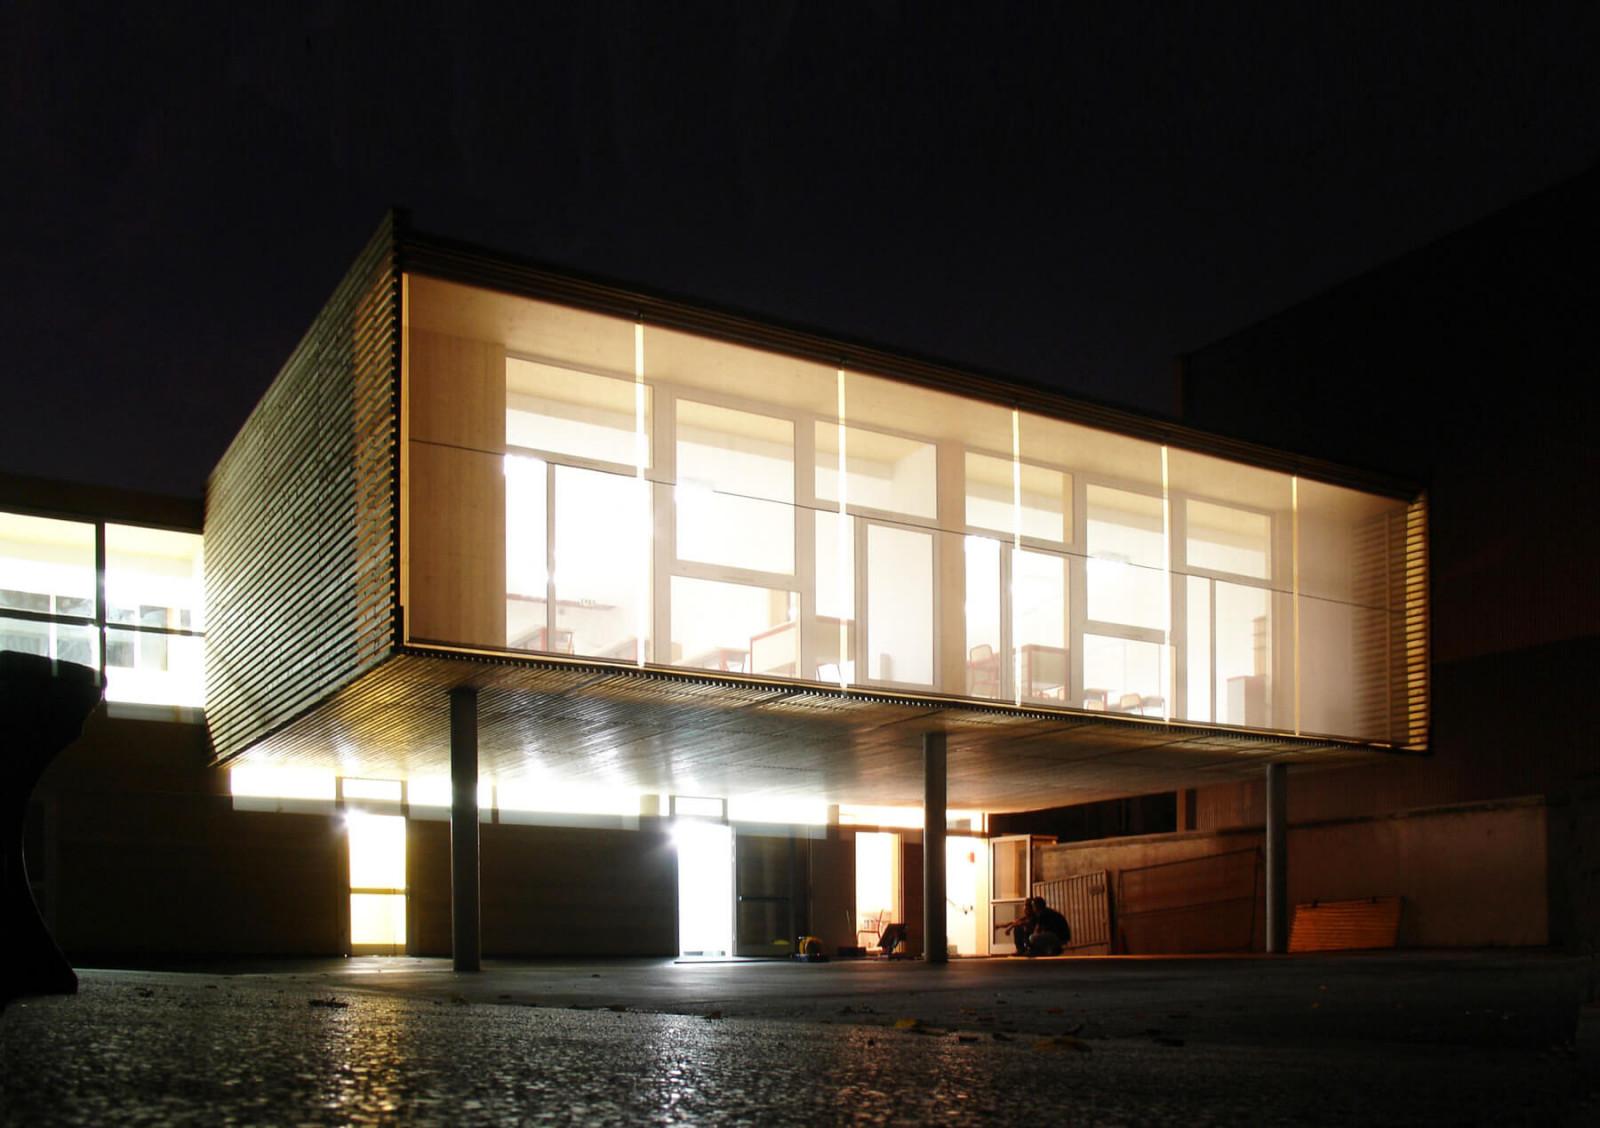 graam-henri-barbusse-02-equipement-alfortville-ecole-exterieur-cour-bois-nuit